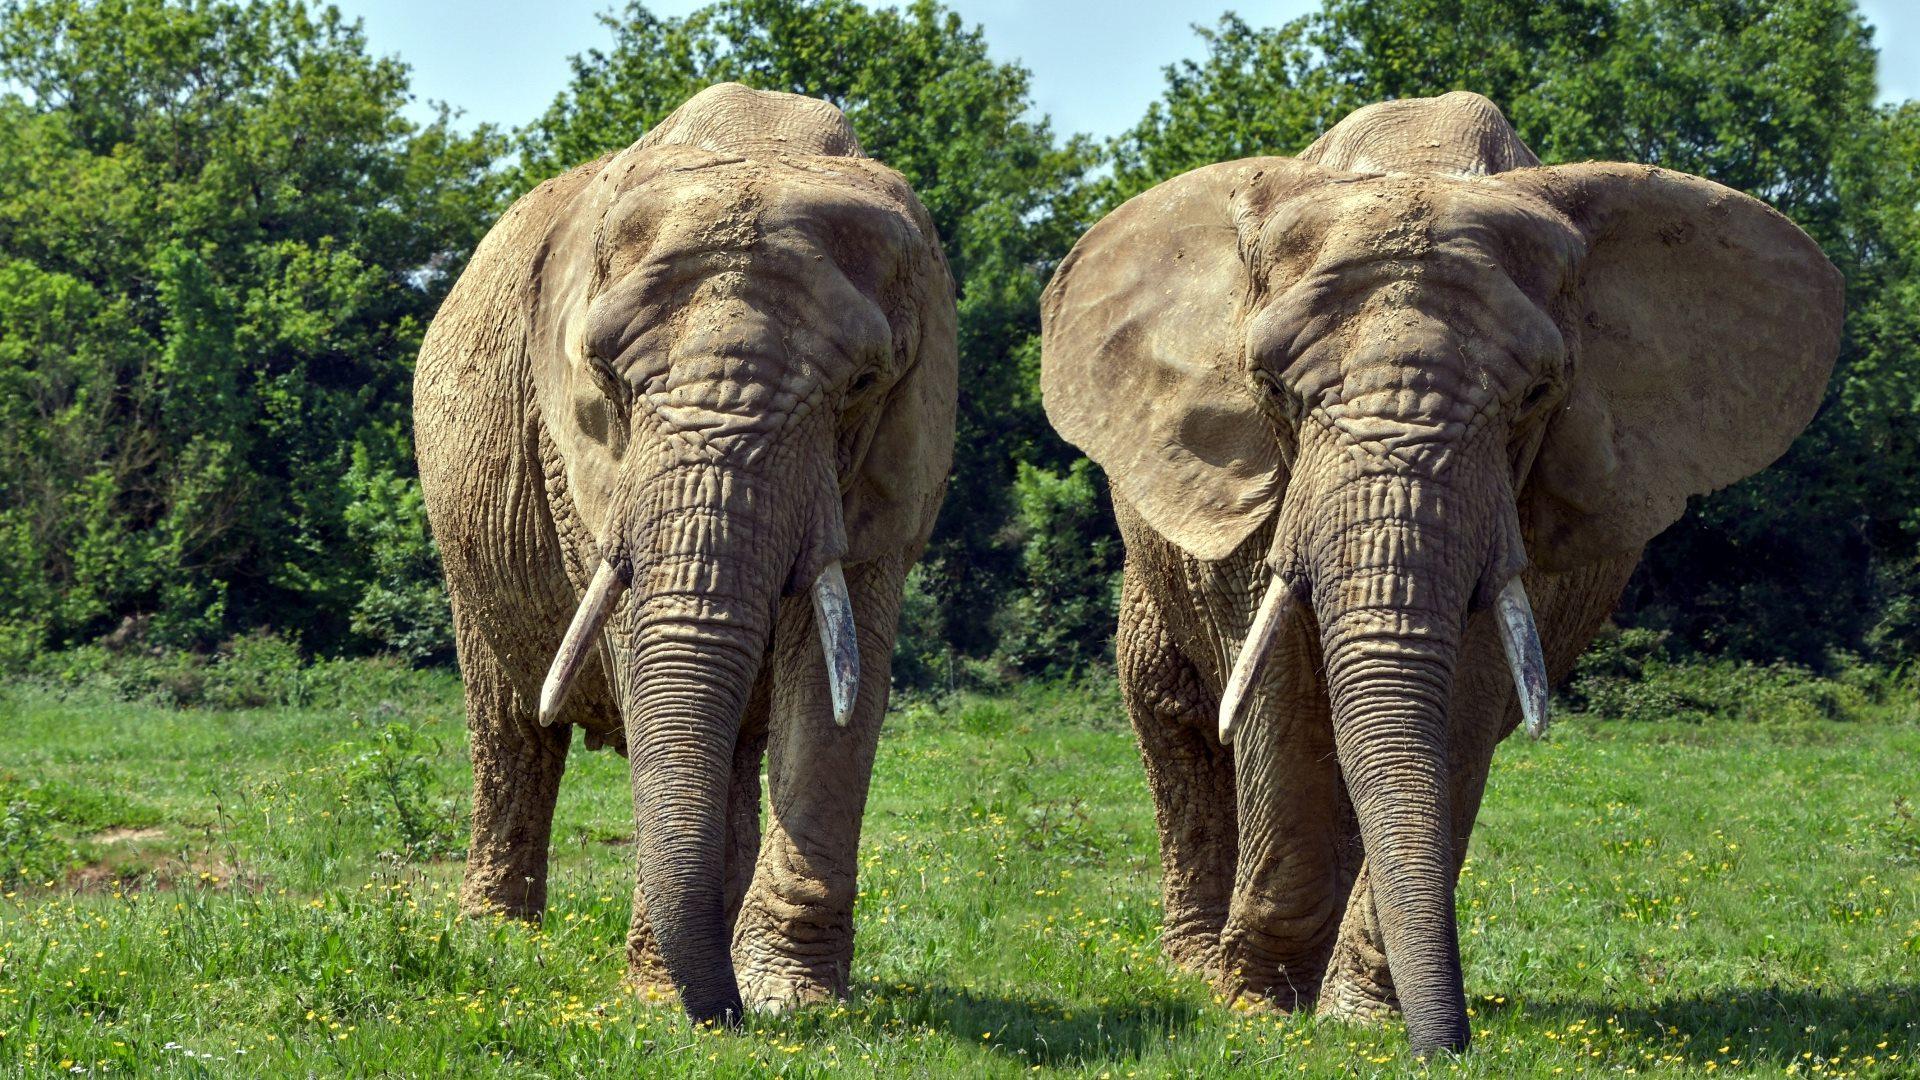 elefanten bilder kostenlos - kinderbilder.download